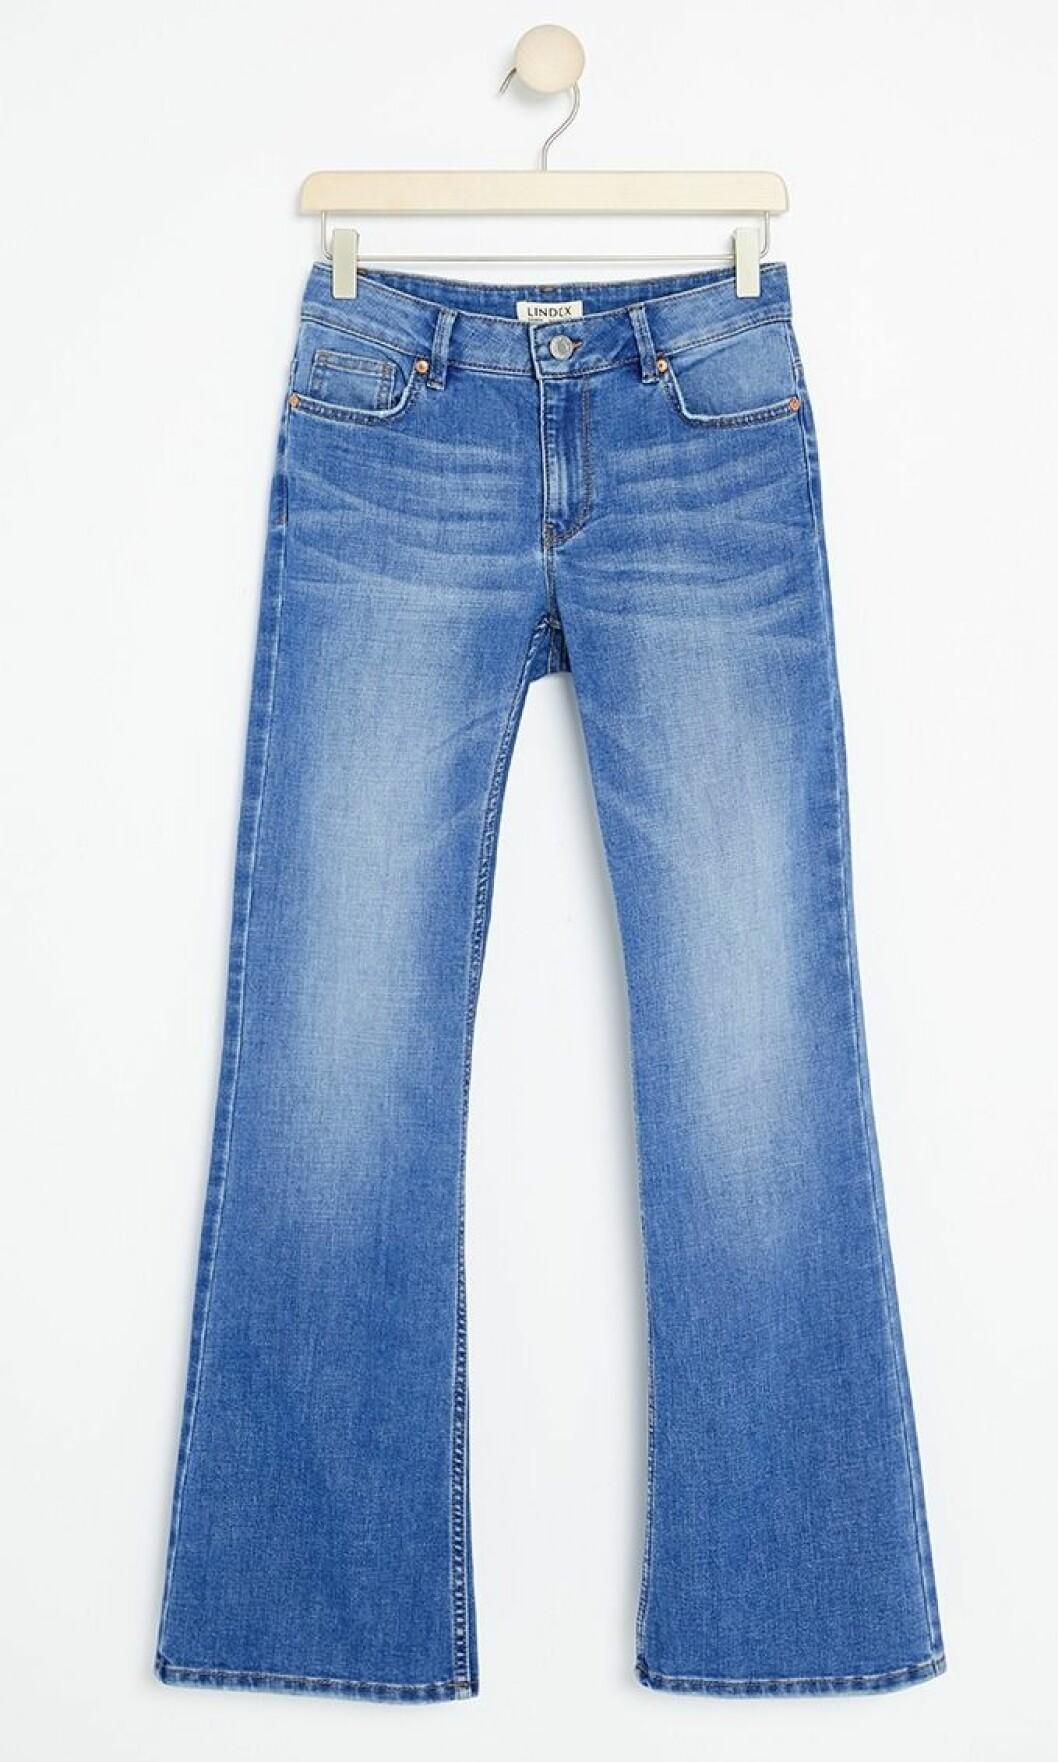 Jeans i bootcut-modell till våren 2019